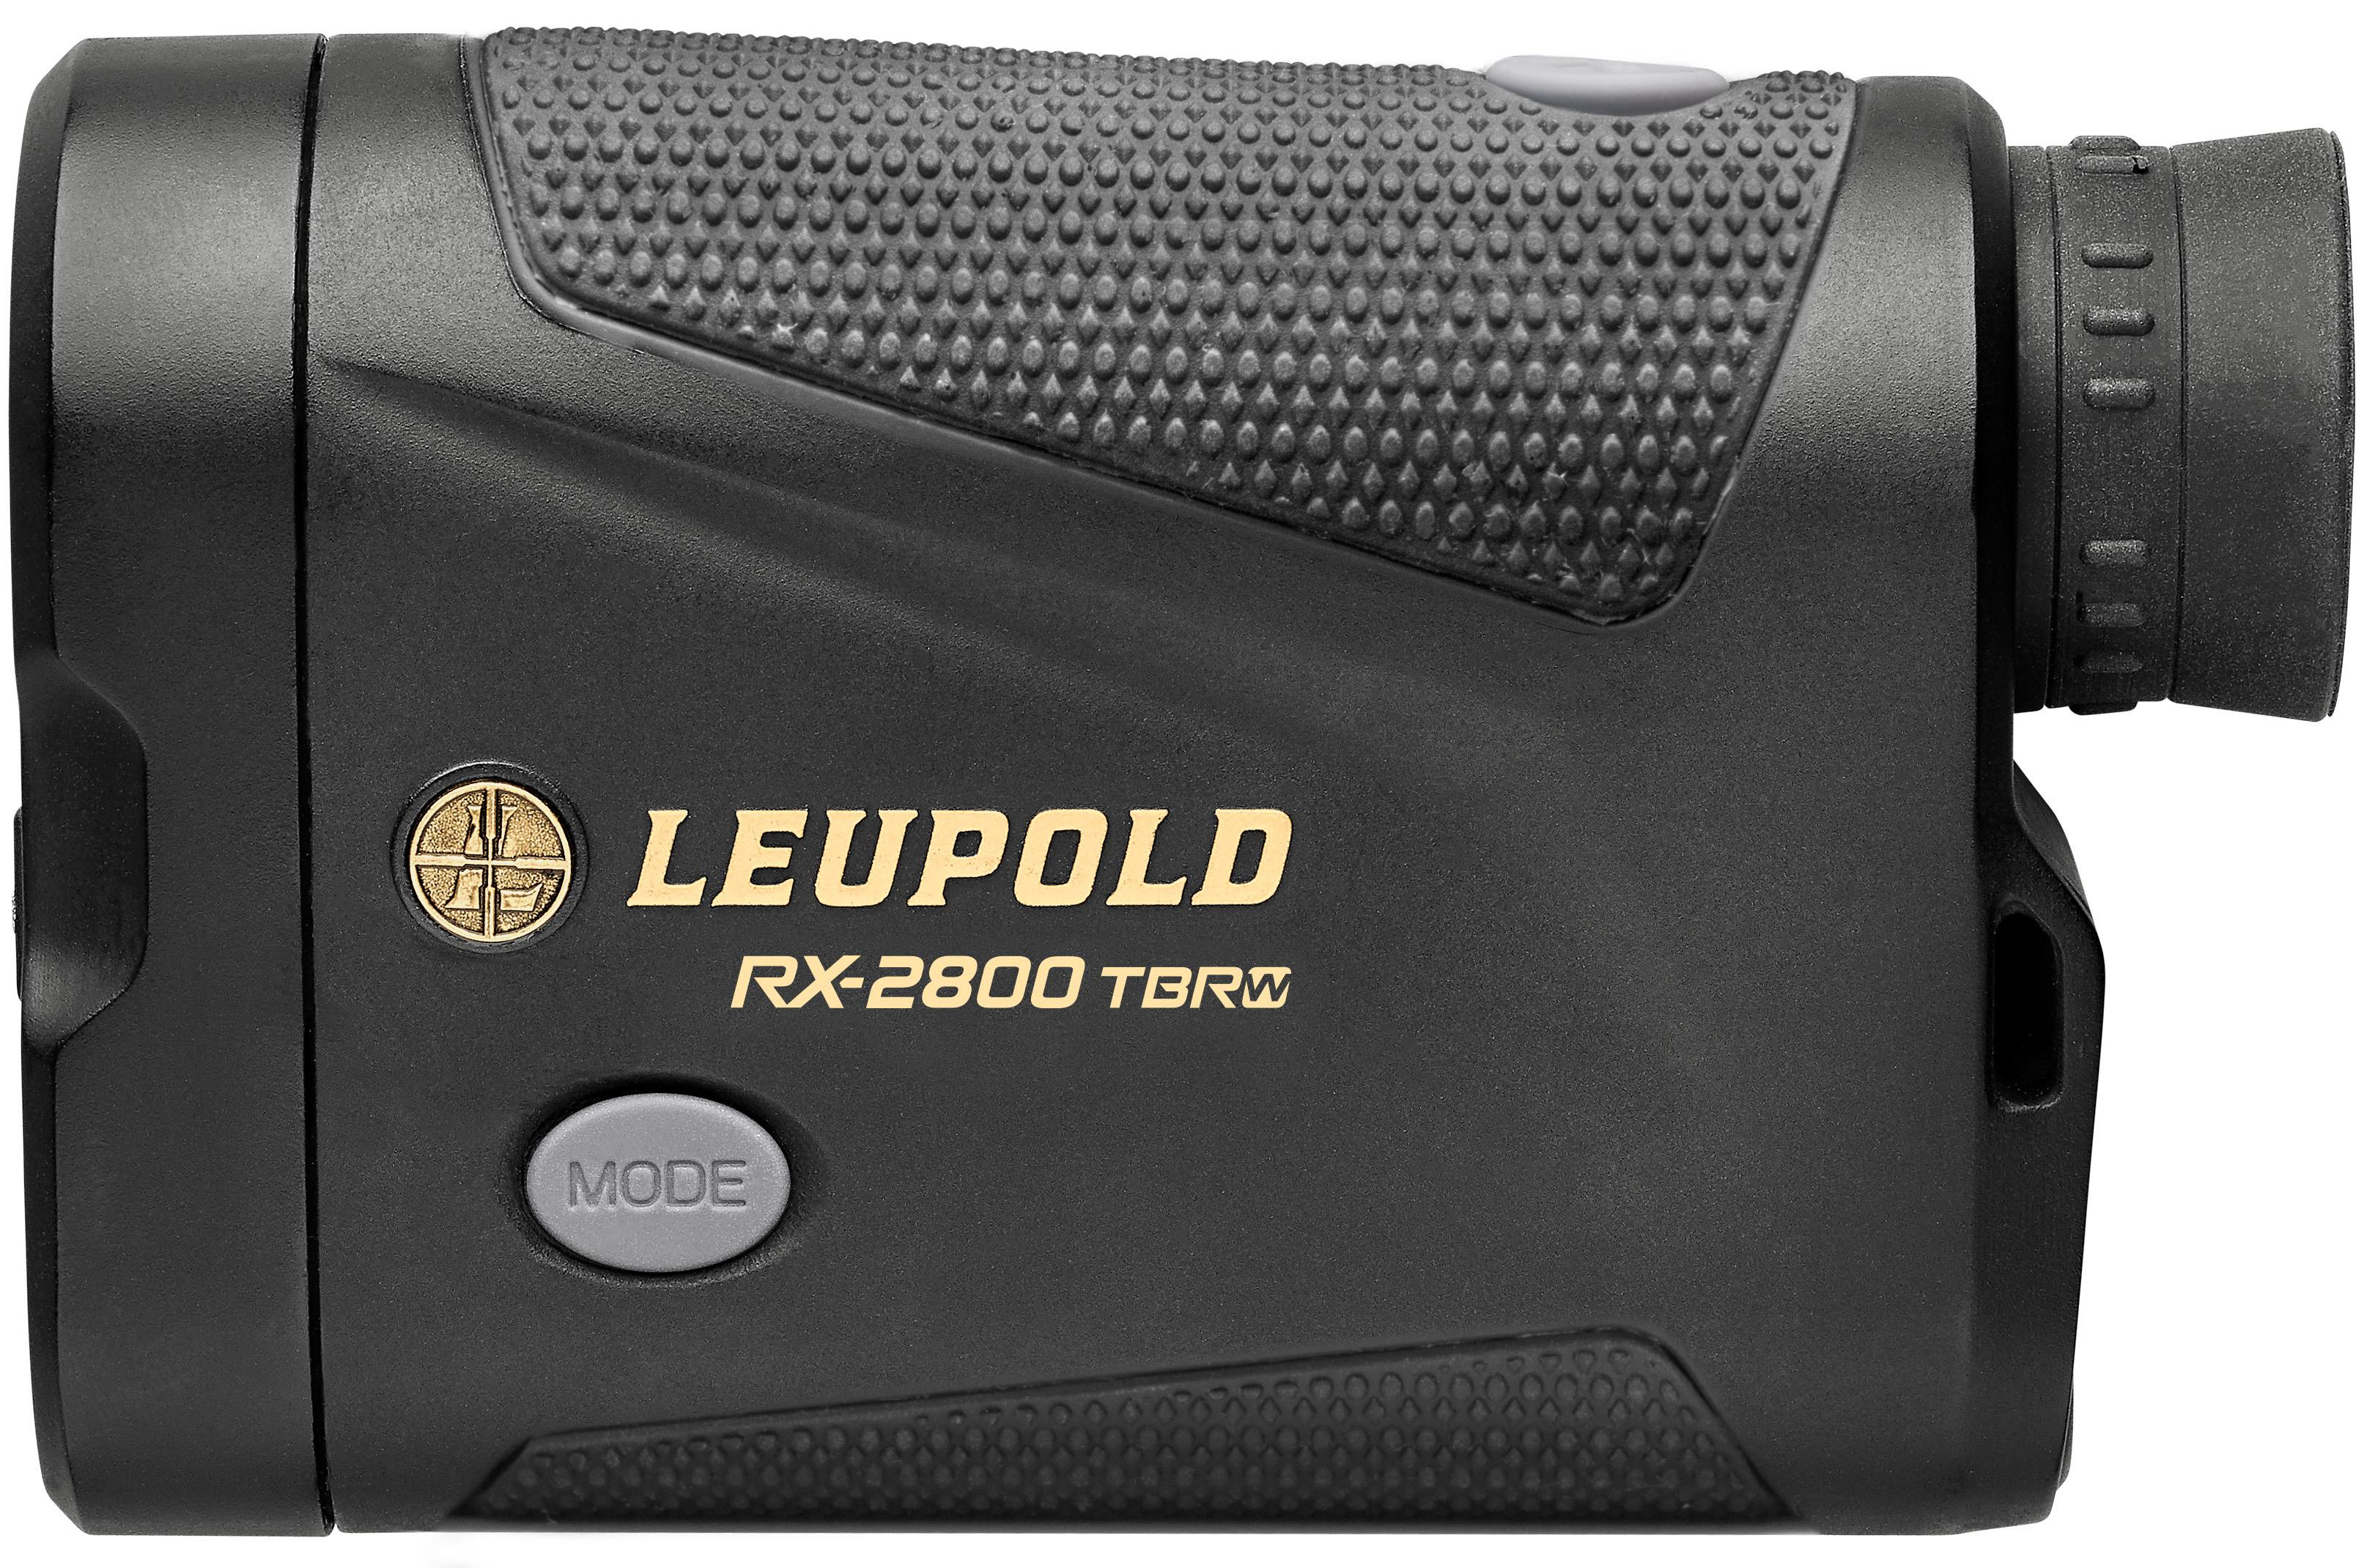 RX-2800 TBR/W Laser Rangefinder - Sku #171910 - RX-2800 TBR/W Laser  Rangefinder